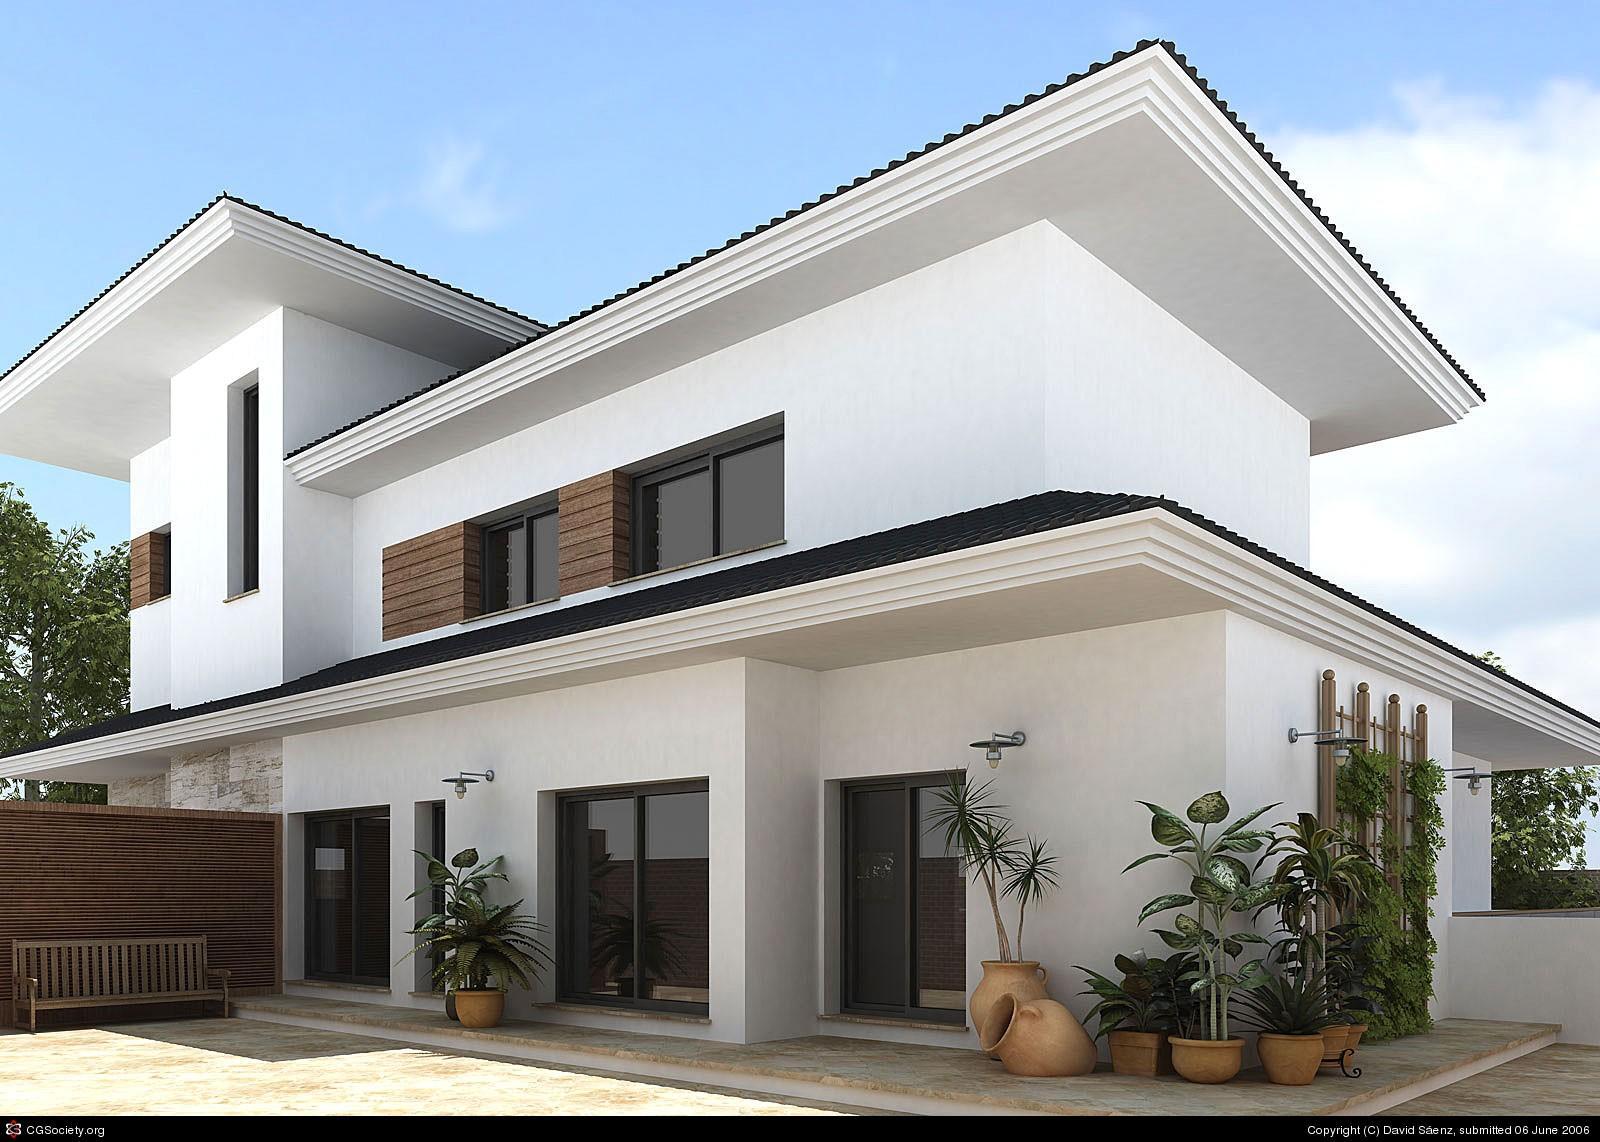 Fachadas De Casas 3d Planos De Casas D Plantas Large Preview Of - Diseo-de-fachadas-de-casas